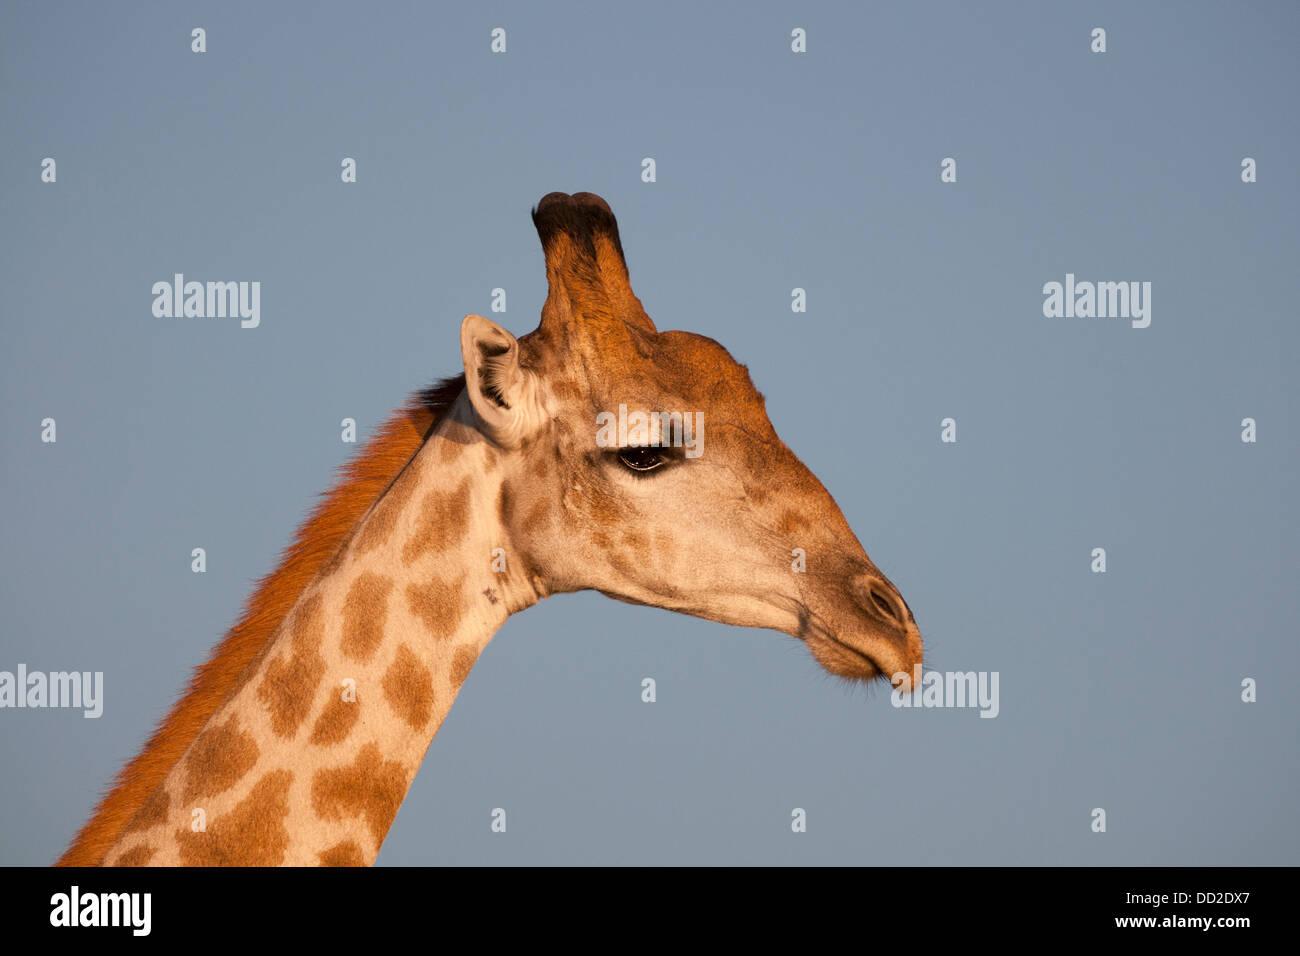 Close-up de la jirafa Imagen De Stock